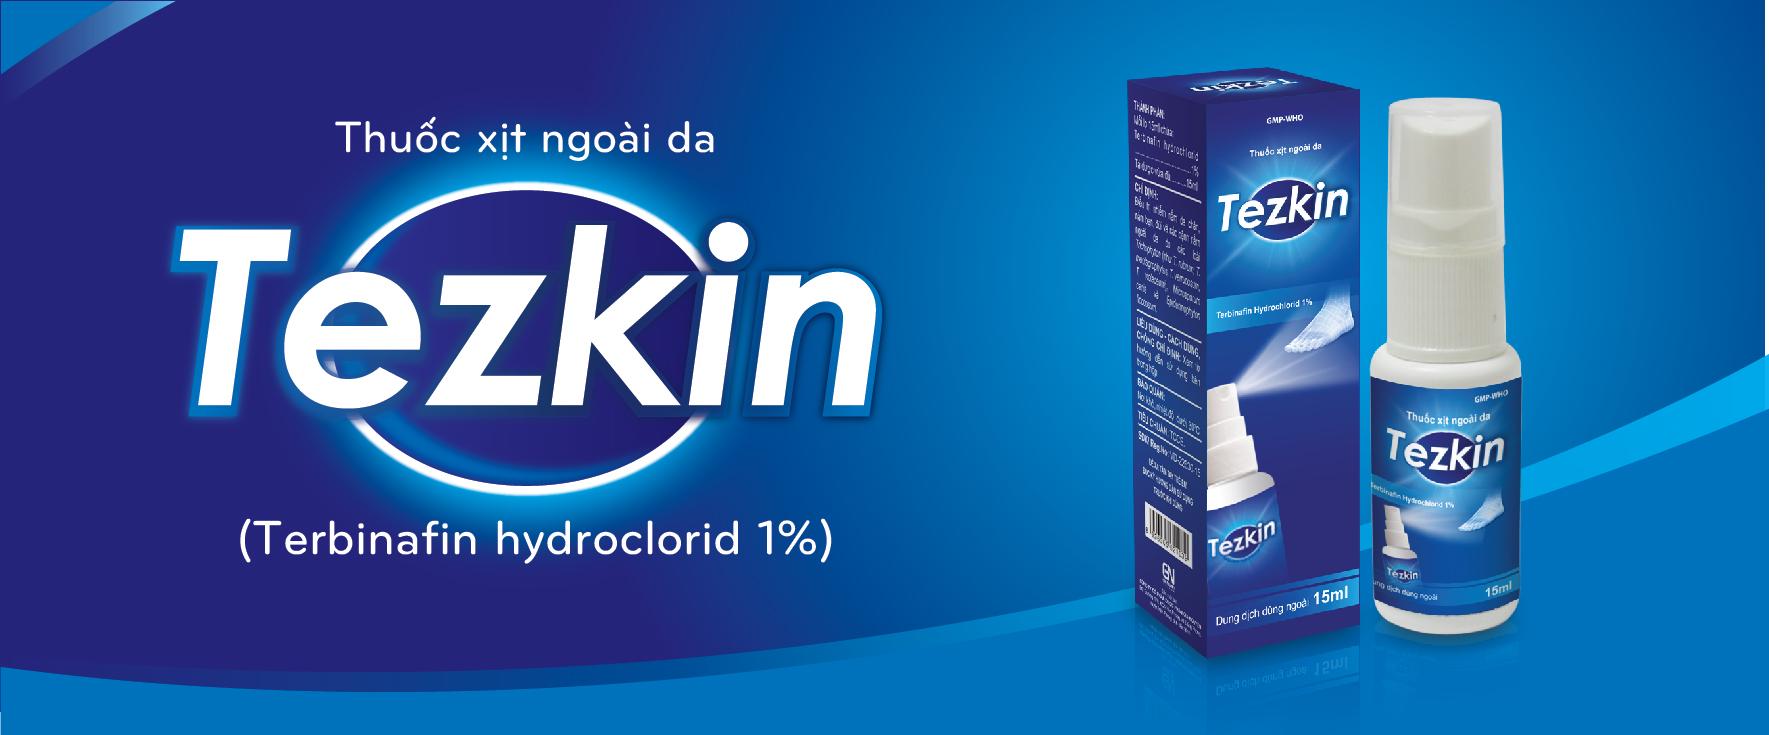 Thuocxit Tezkin